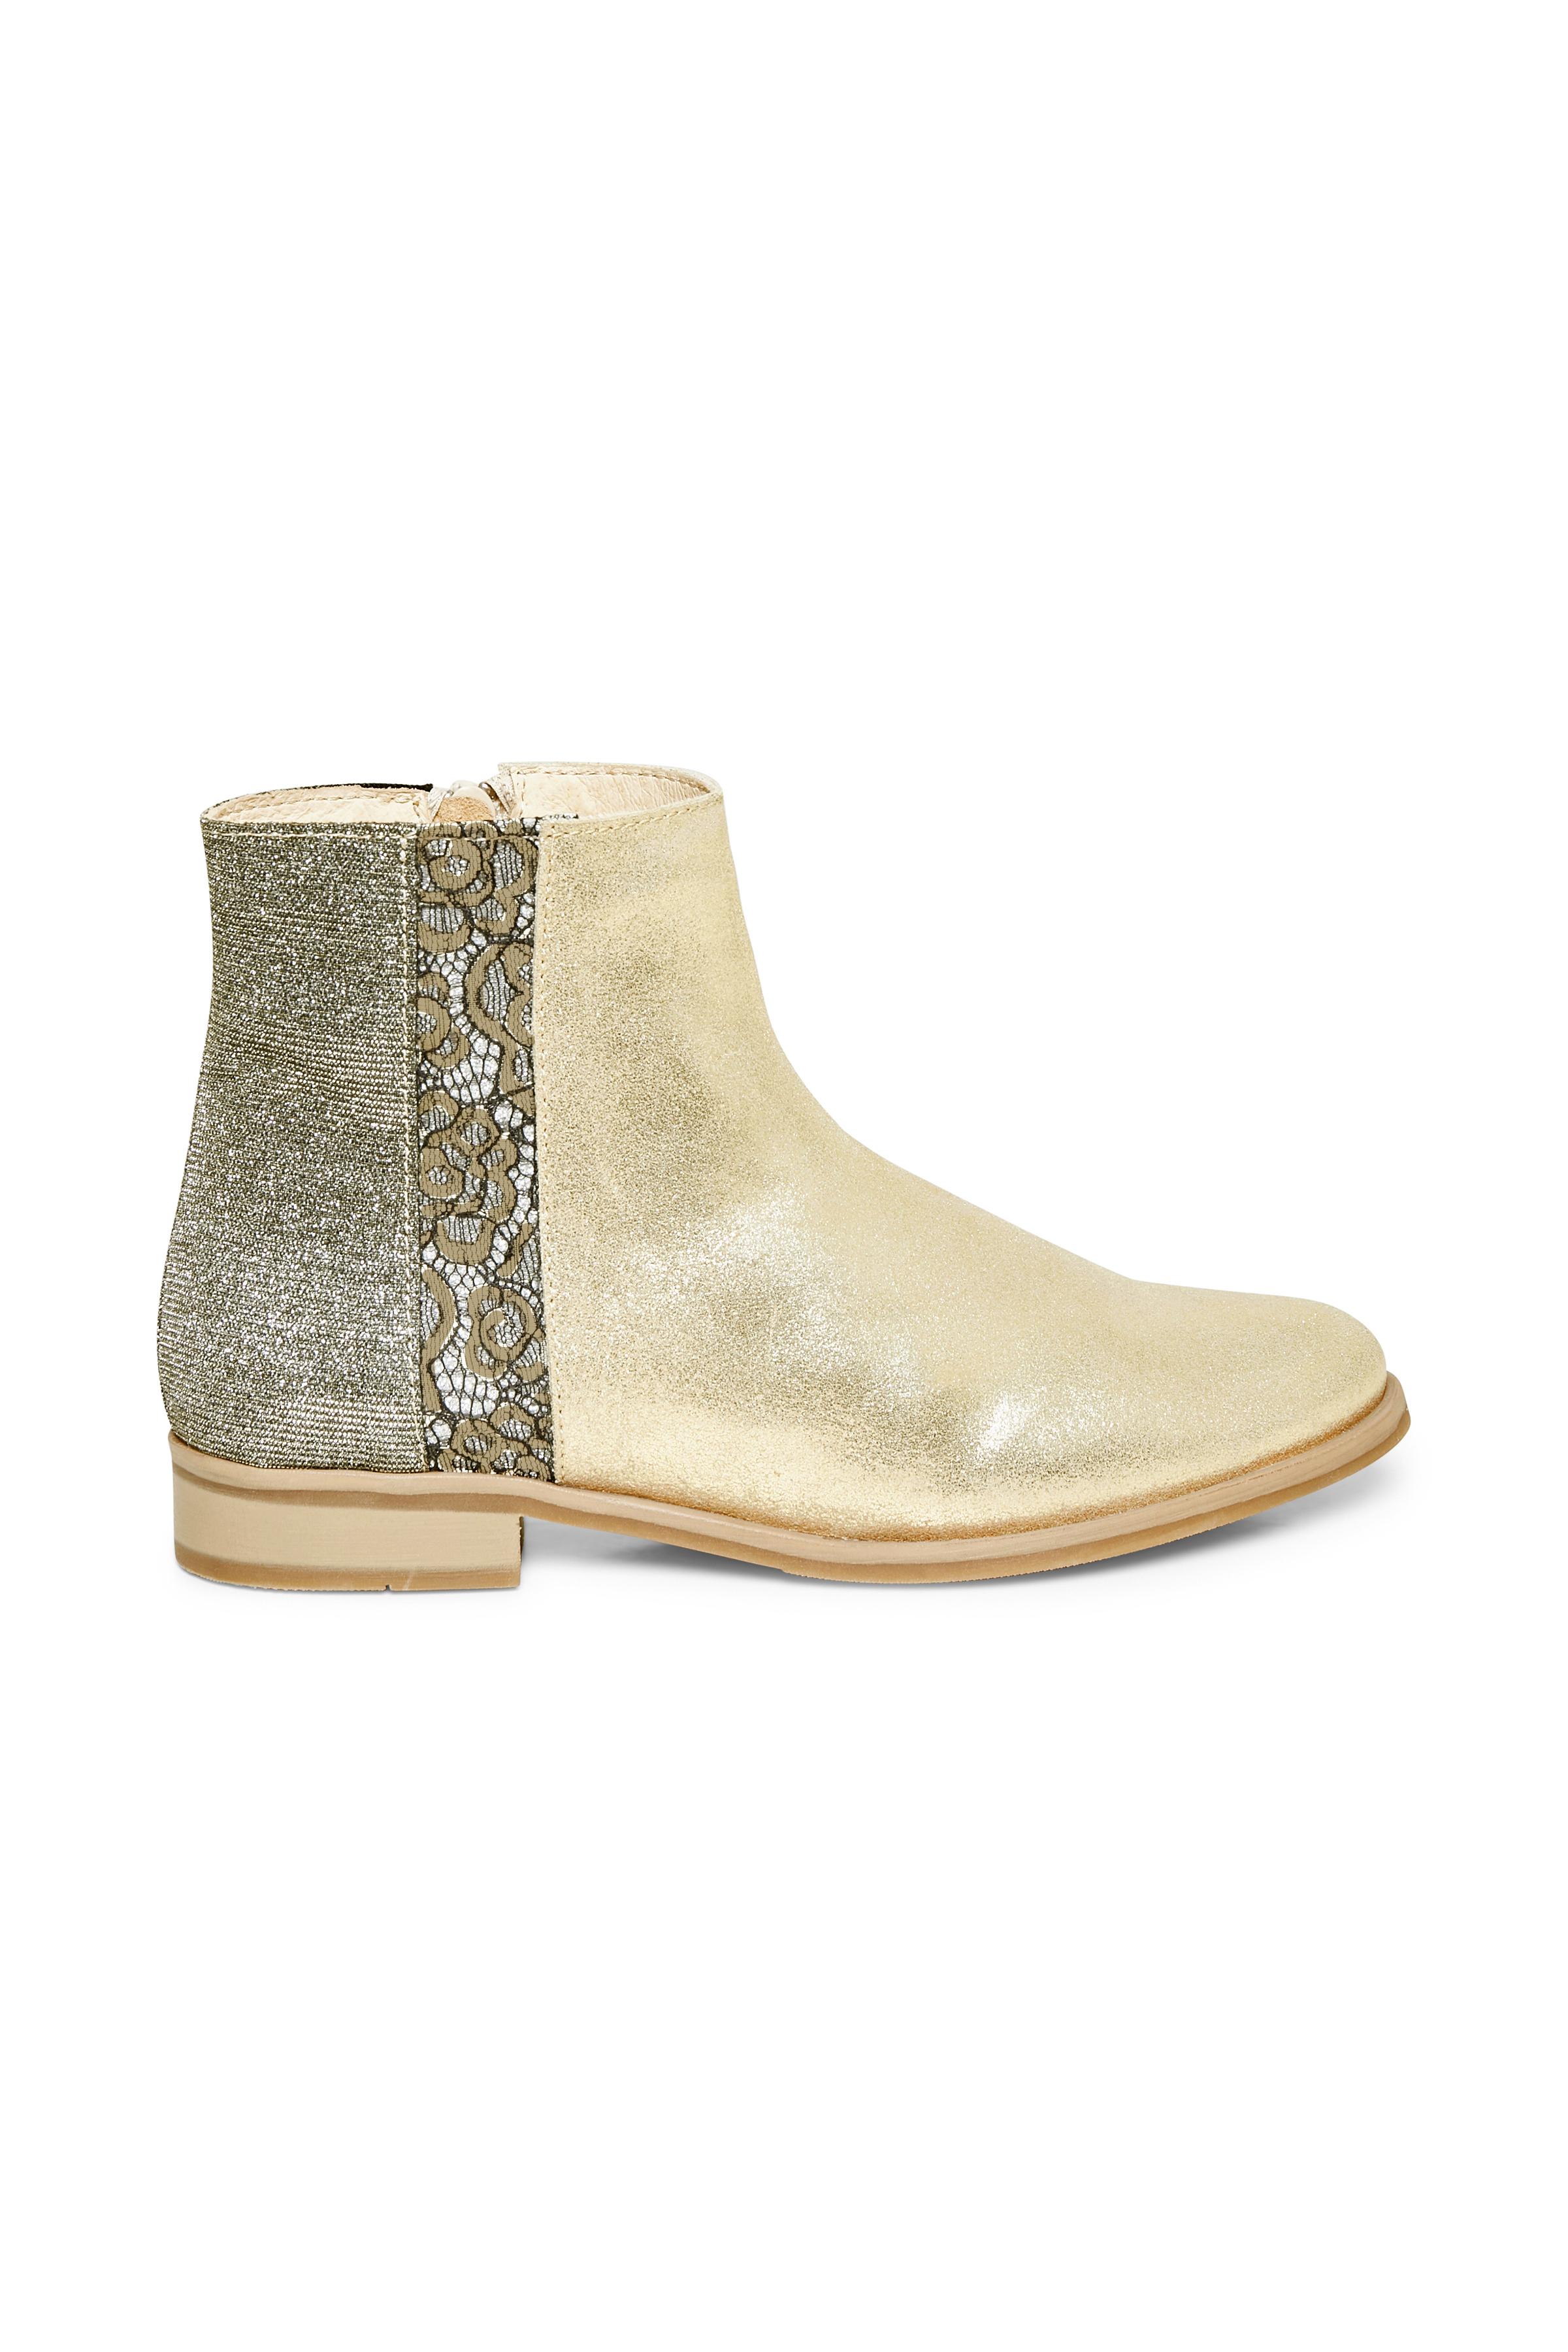 Creme/silber Lederstiefel von Cream Accessories – Shoppen Sie Creme/silber Lederstiefel ab Gr. 36-41 hier